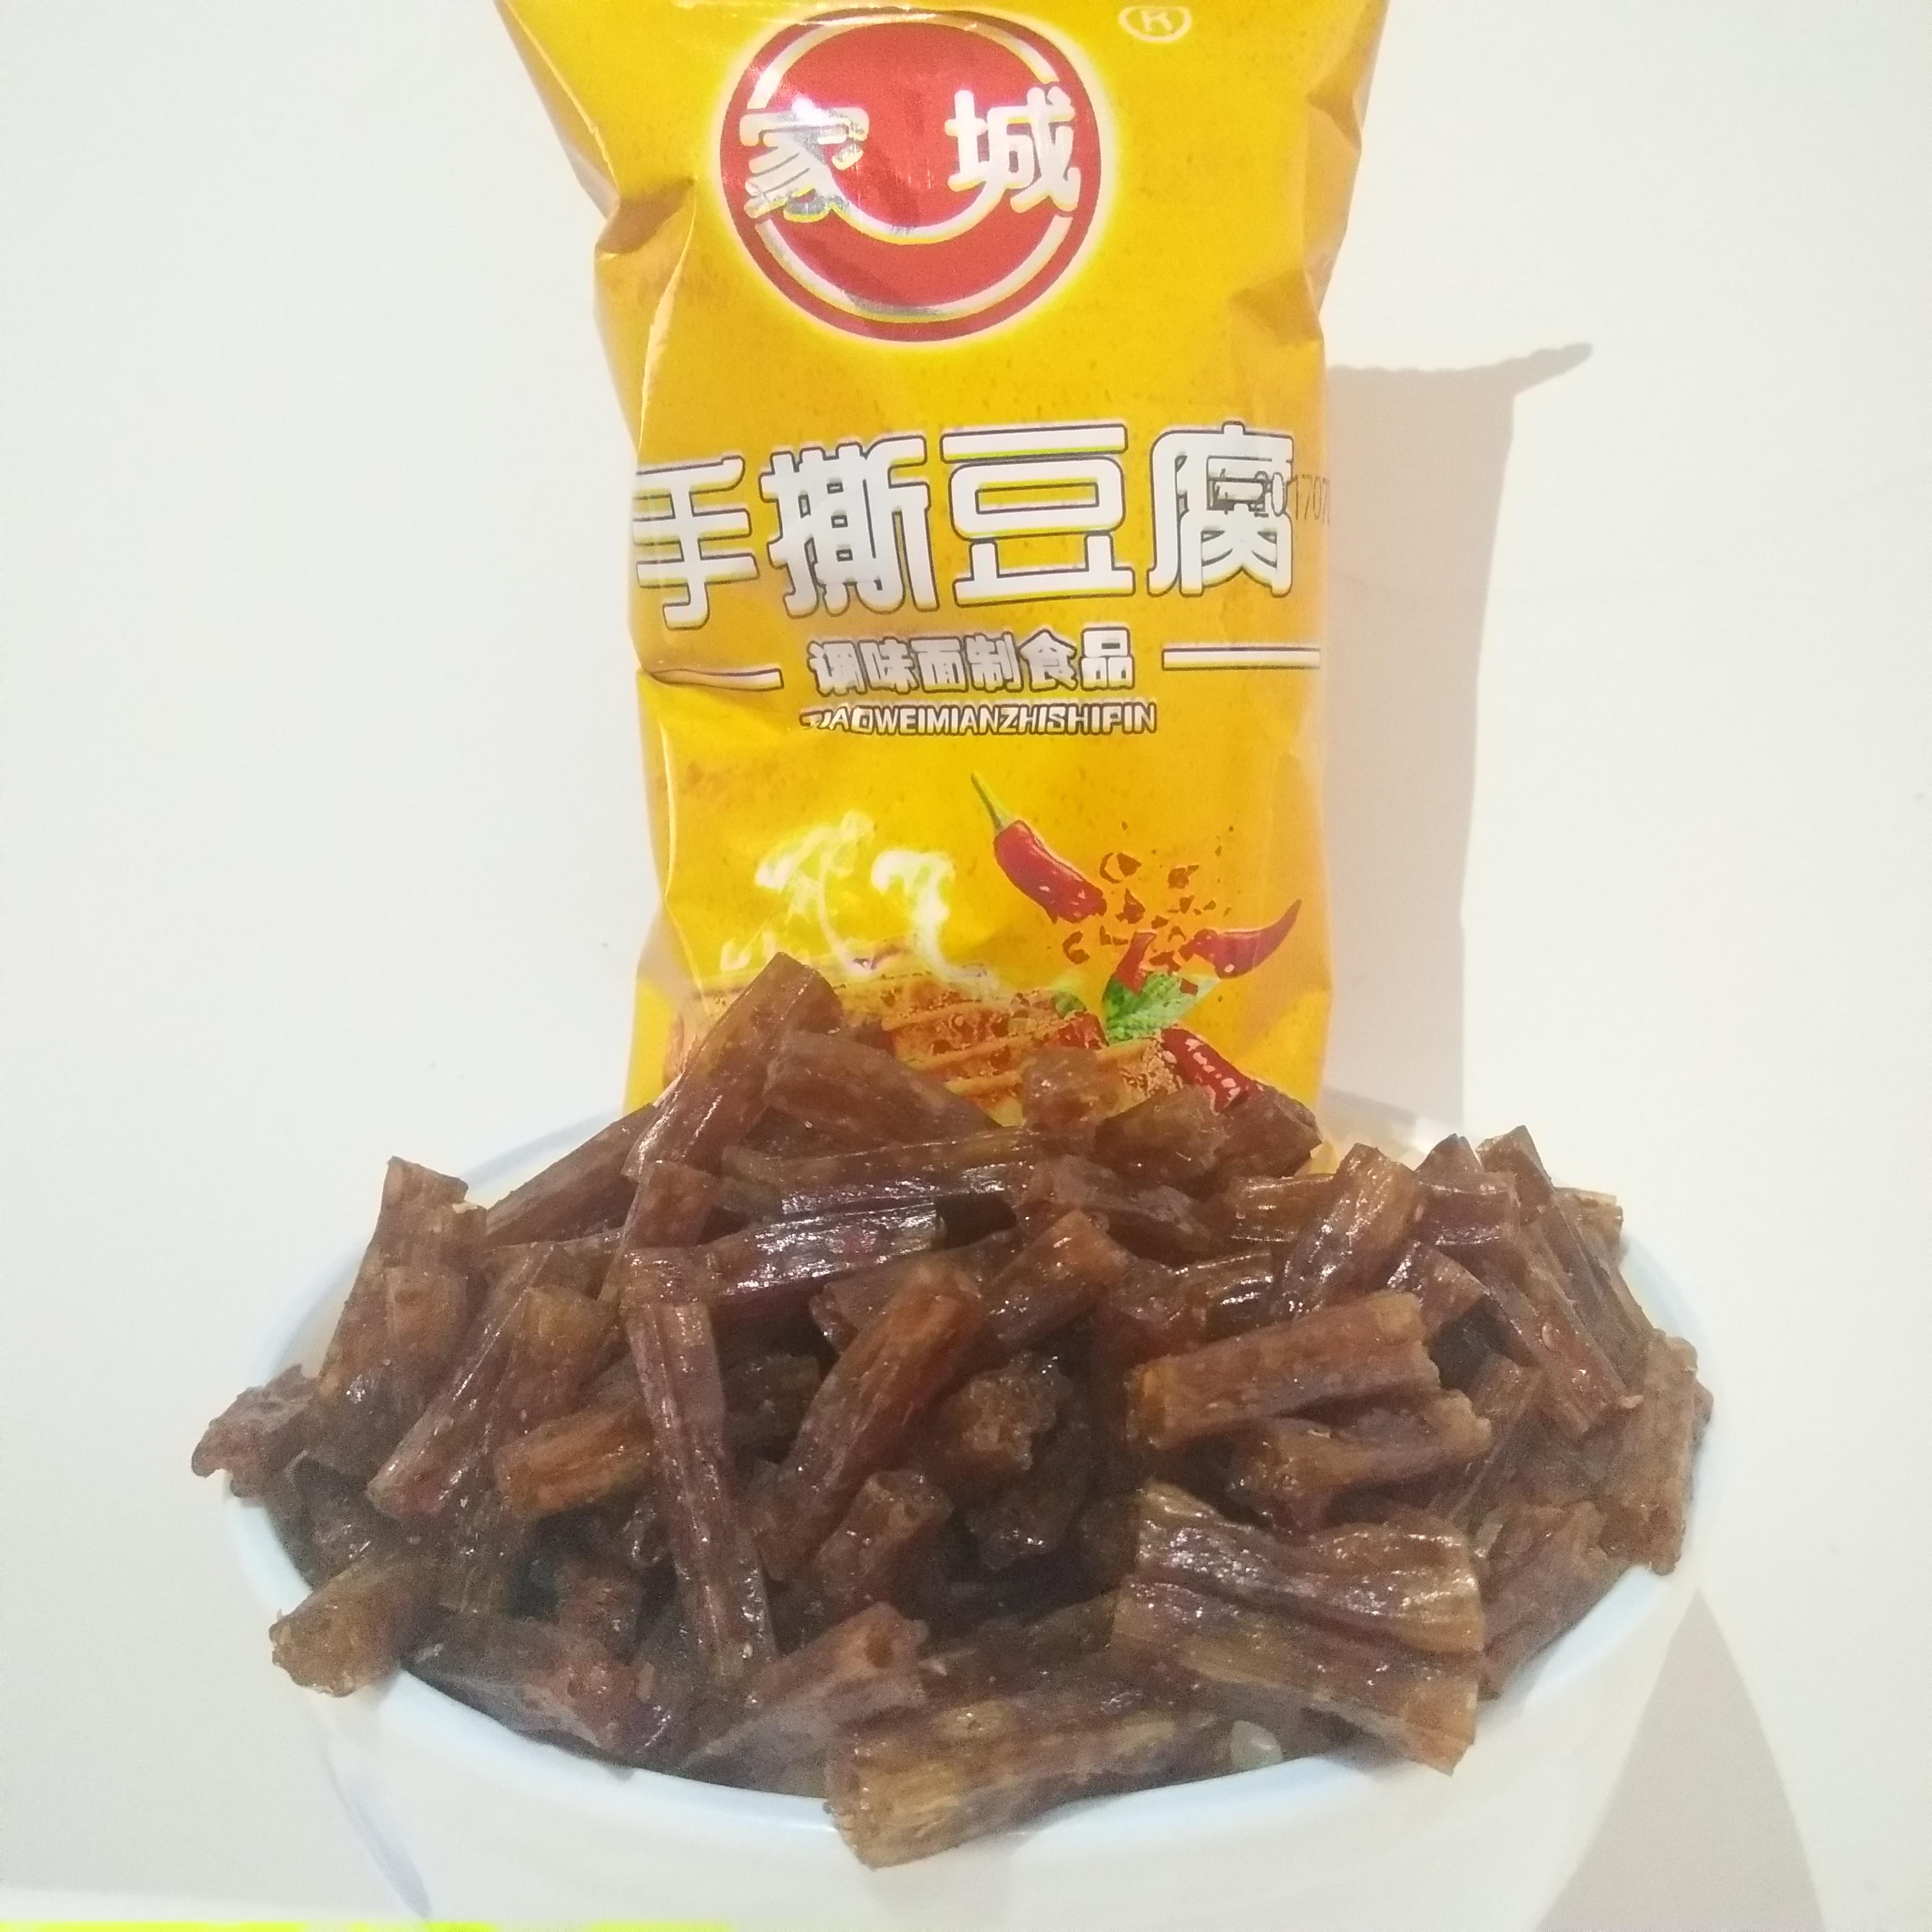 手撕豆腐面筋辣条小包香辣味零食小吃麻辣儿时辣筋辣条豆制品零食